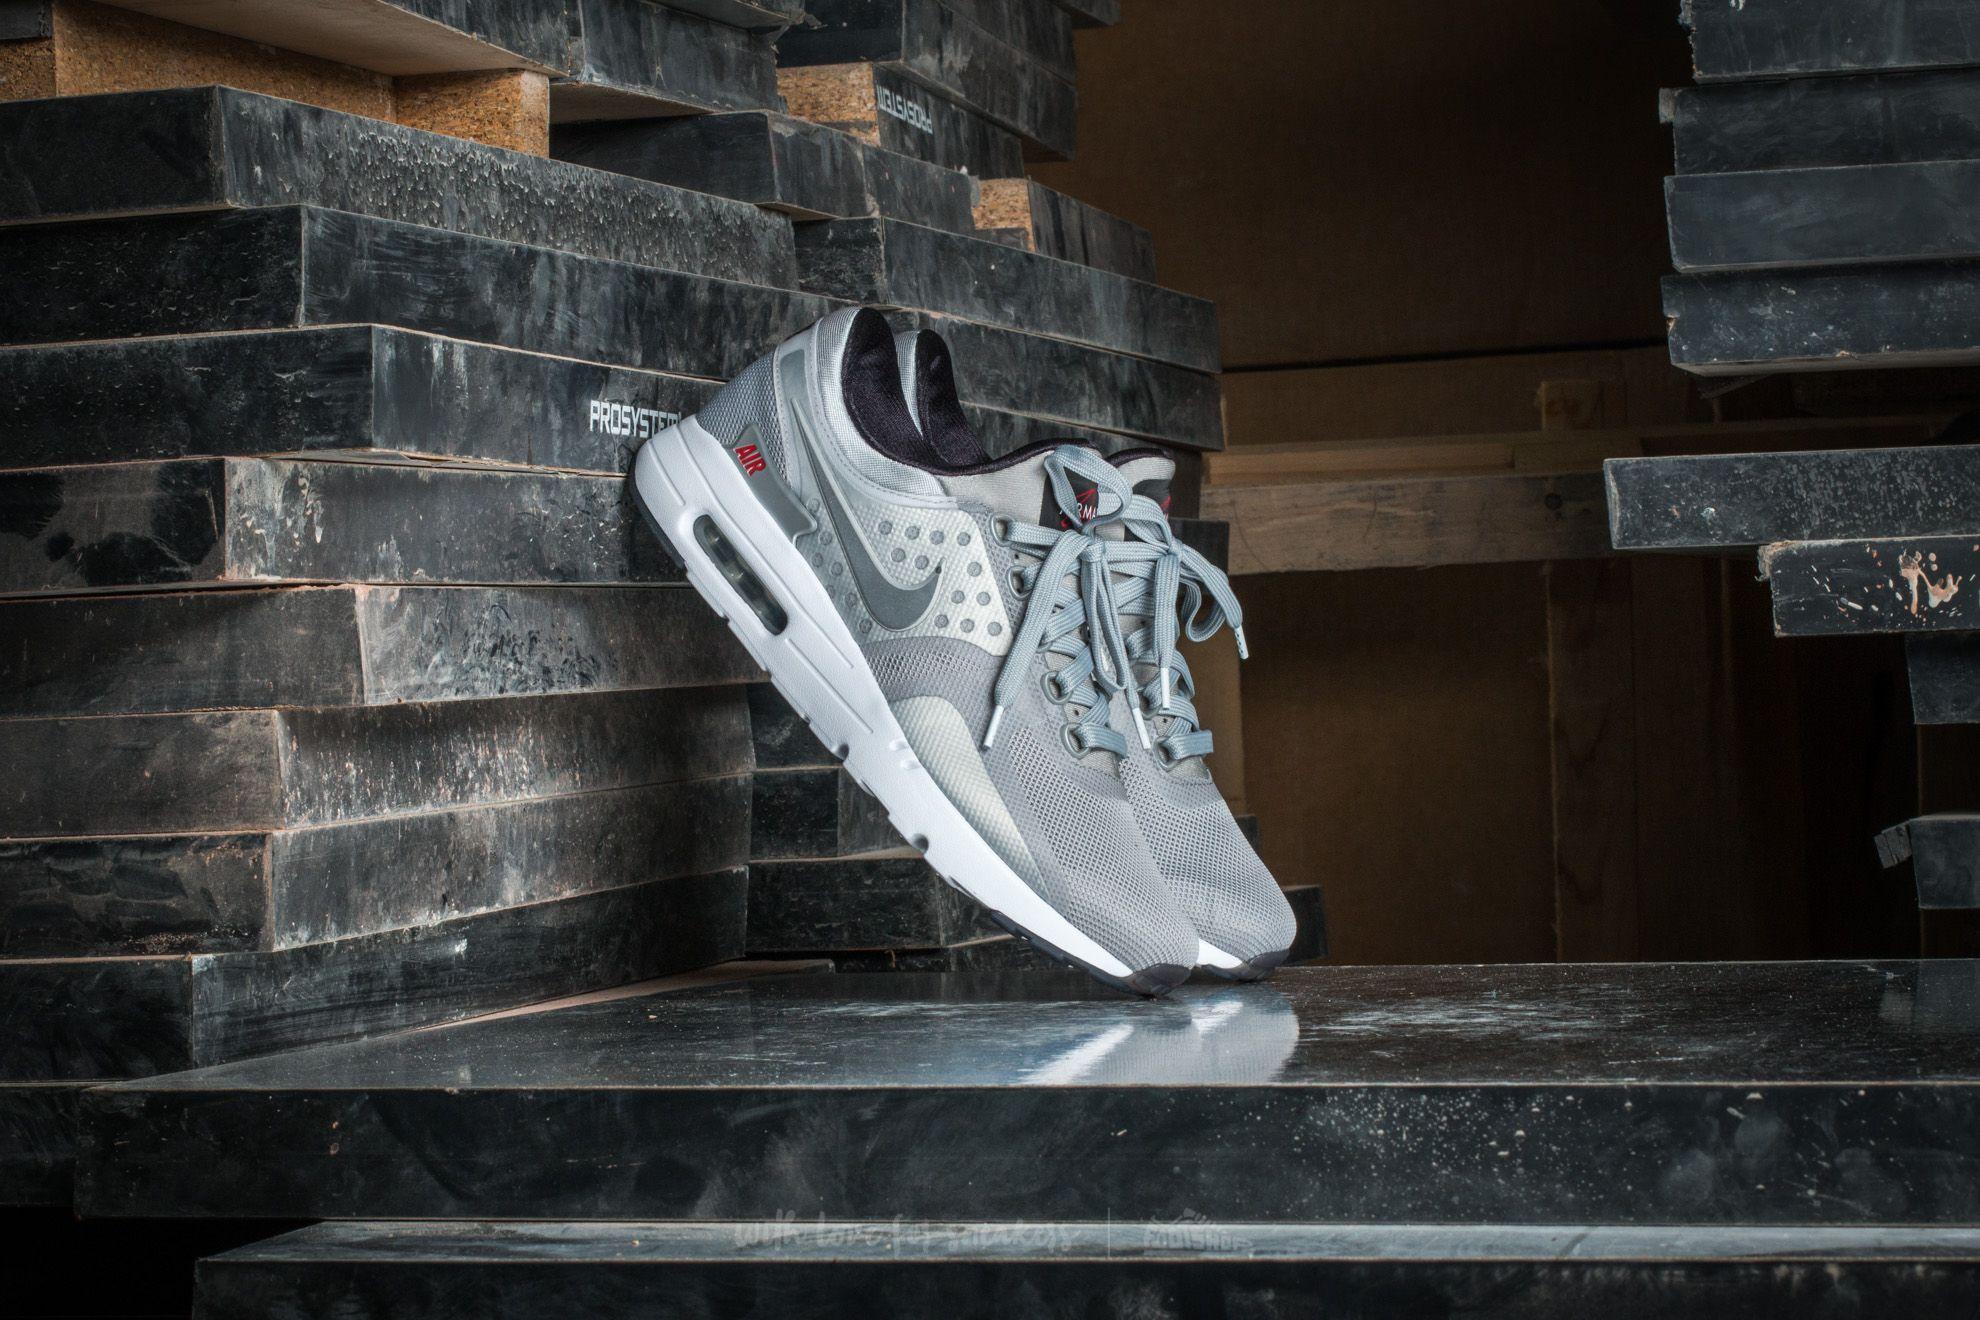 new arrival ed7c1 bef5a Nike Air Max Zero QS Metallic Silver